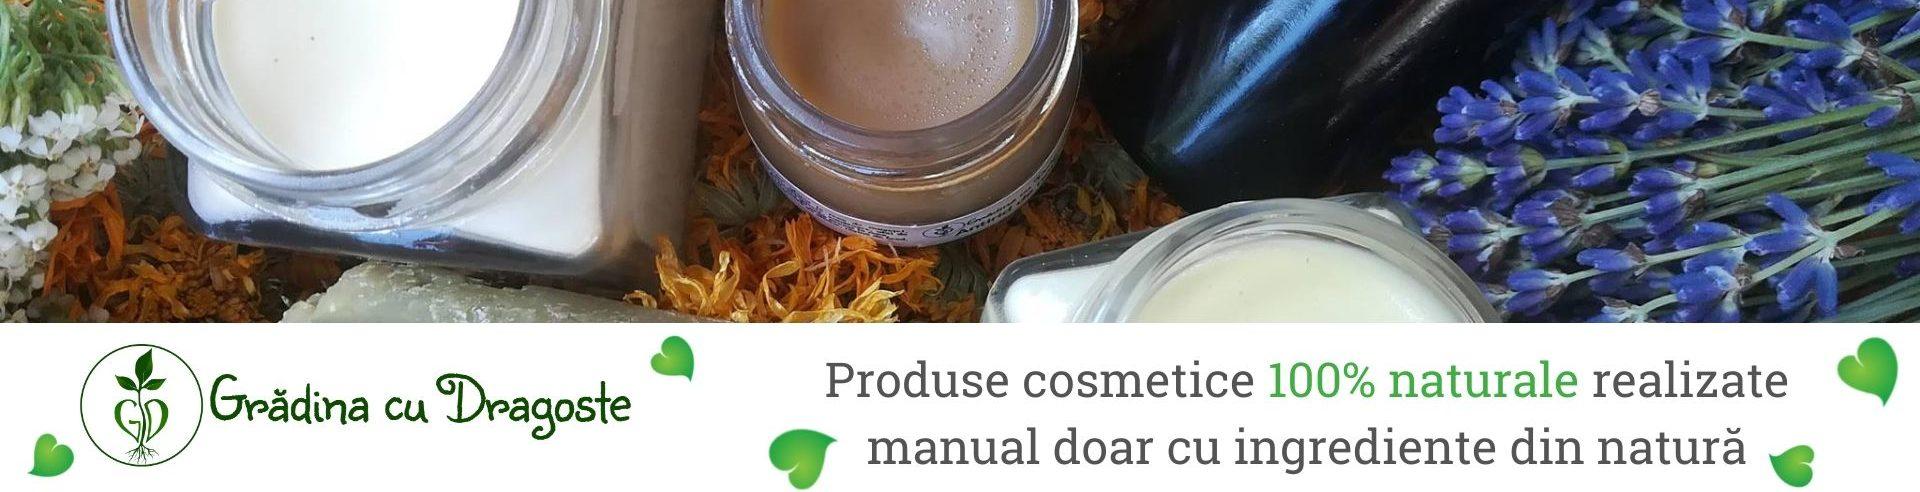 Cosmetice Naturale Gradina cu Dragoste